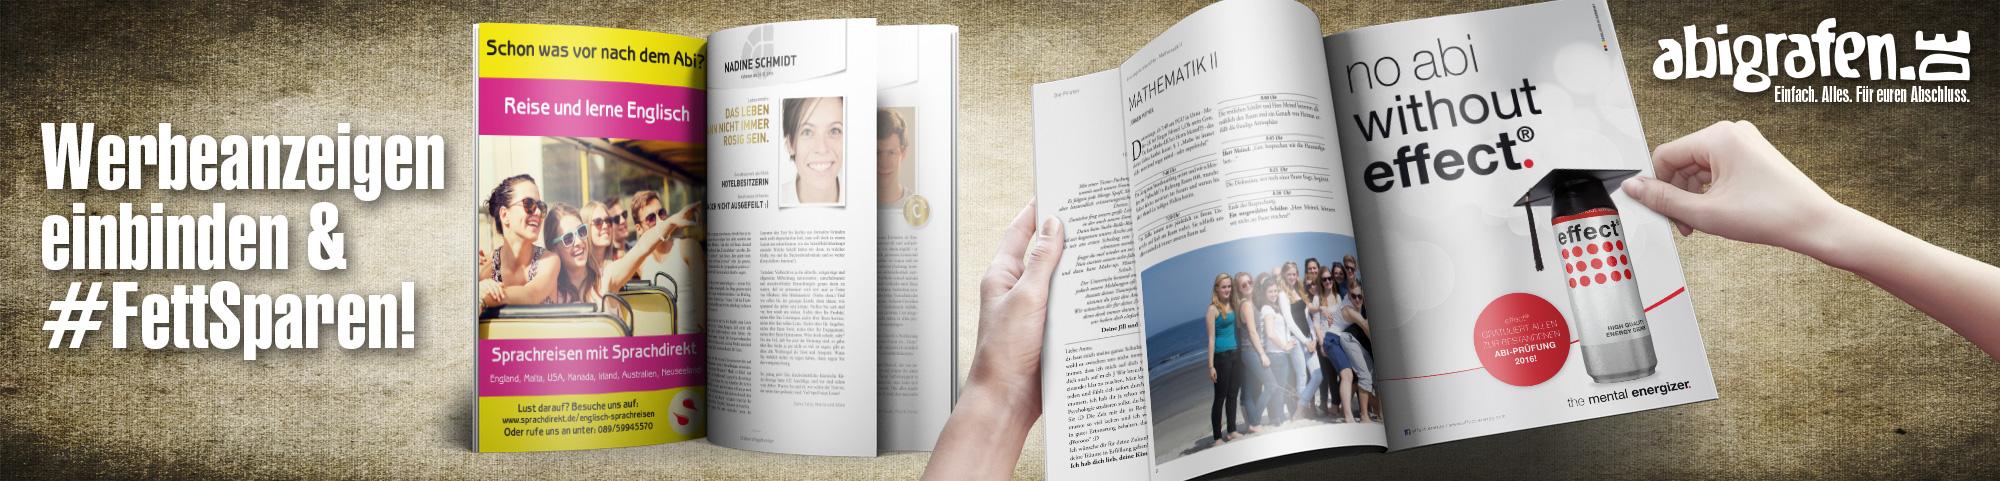 Werbeanzeigen für Abizeitungen- abigrafen.de®